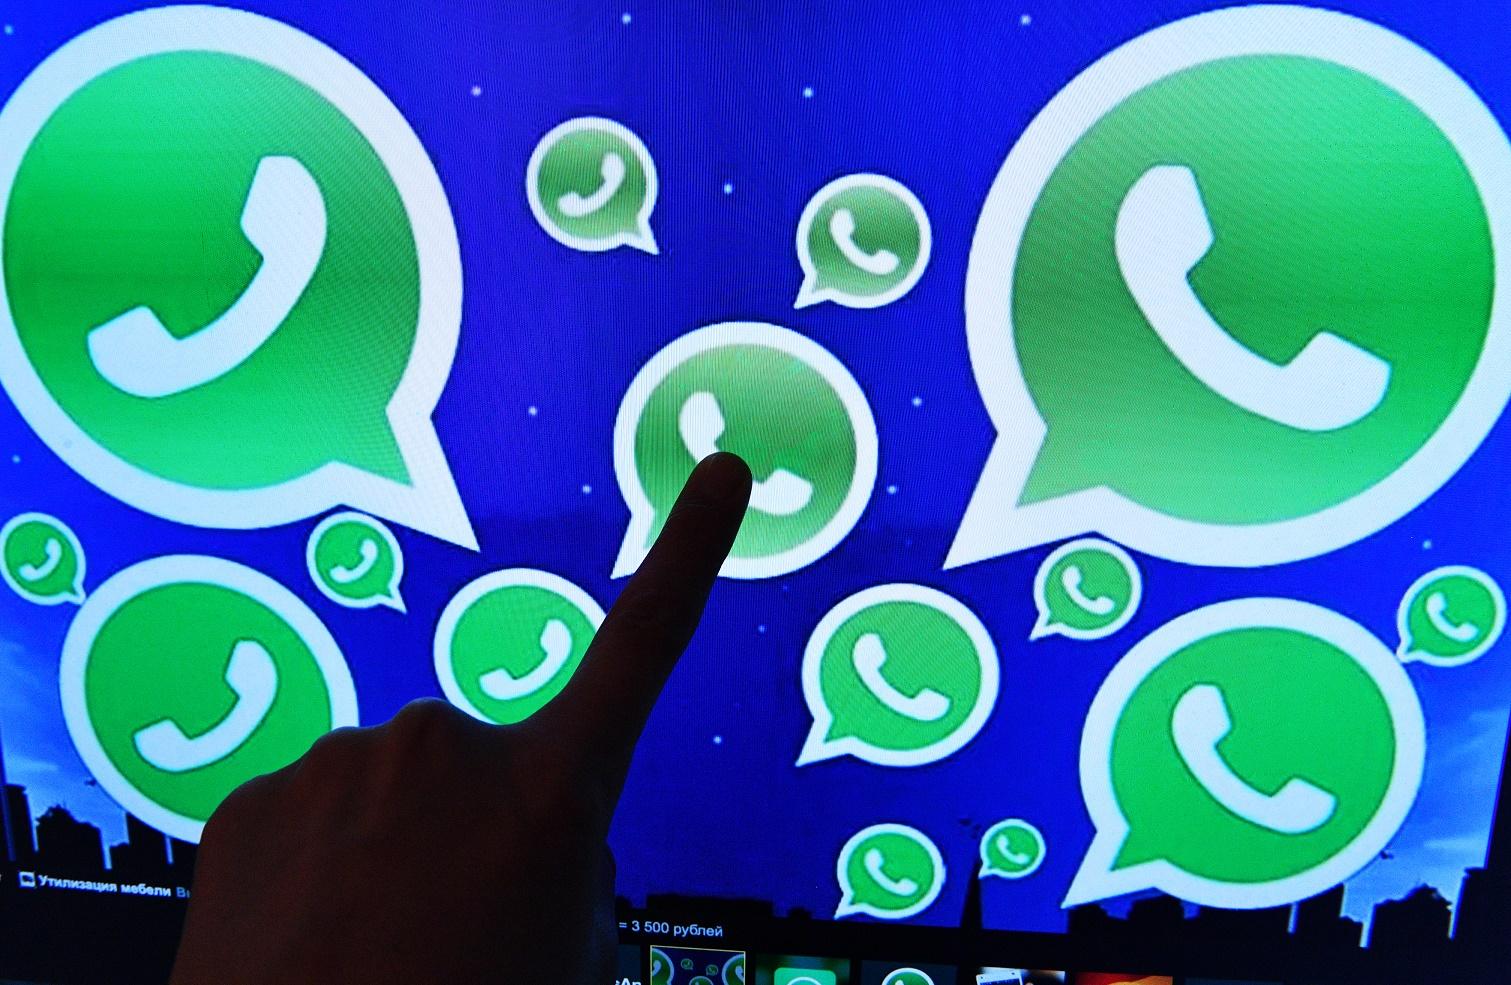 Desde 2015, o WhatsApp já teve seu serviço suspenso algumas vezes, em todo o país, graças a decisões desse tipo. Foto Natalia Seliverstova/Sputnik